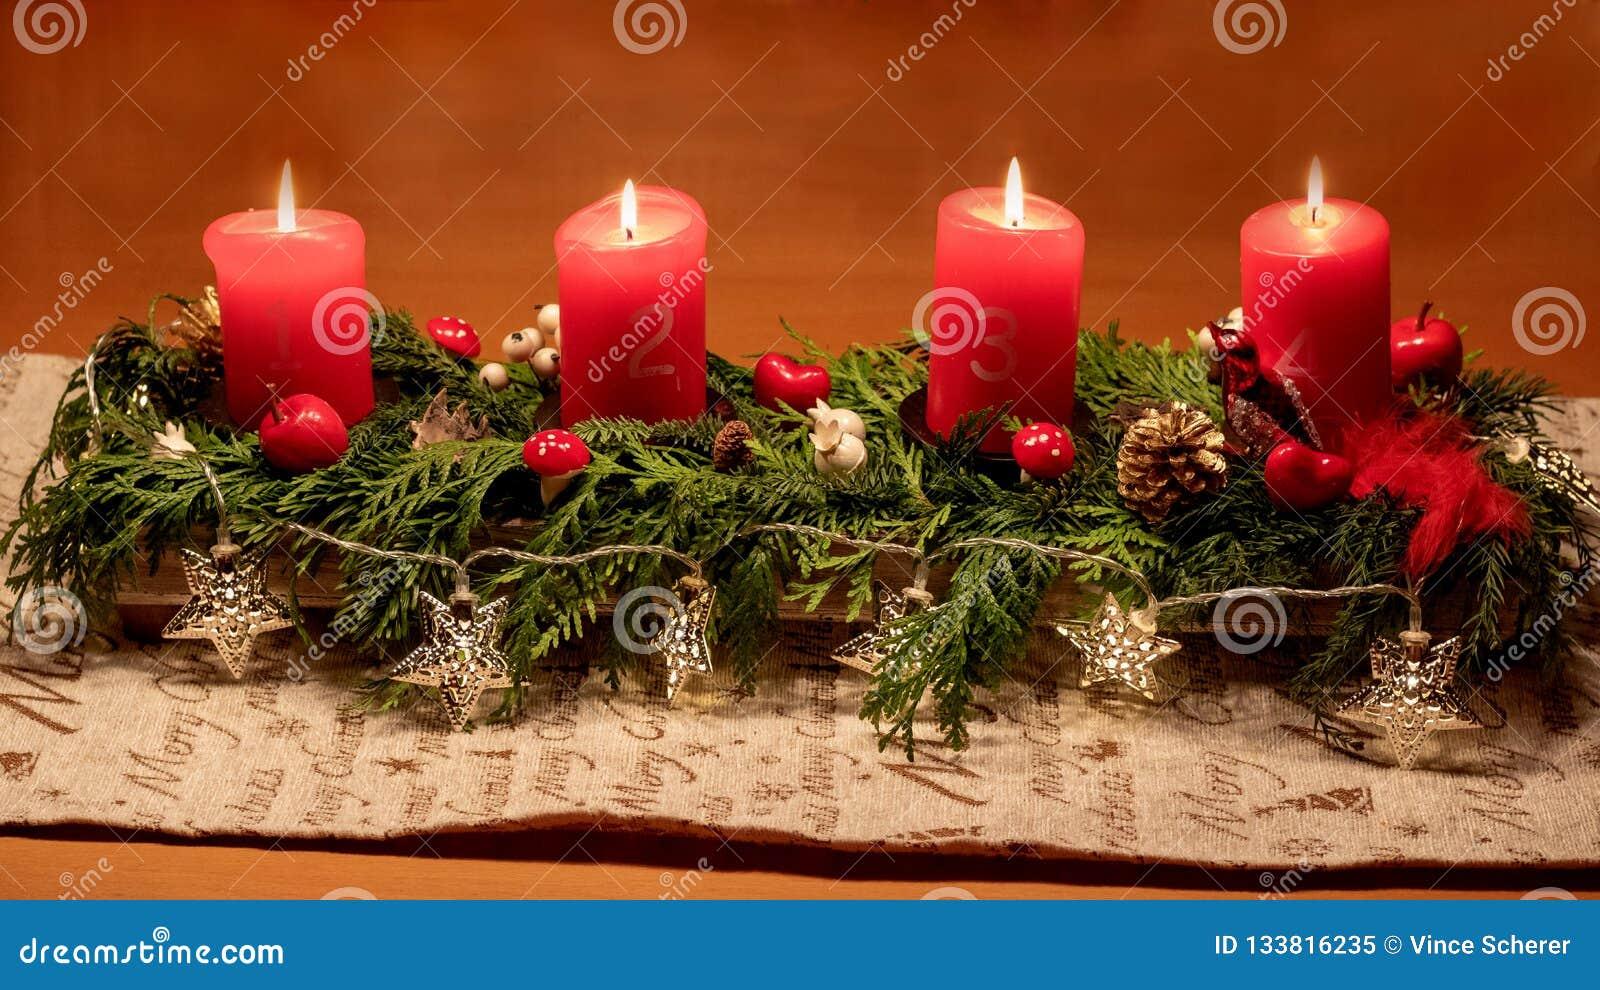 I detta ljus väntande på jul tid, tänder vi upp cand fyra